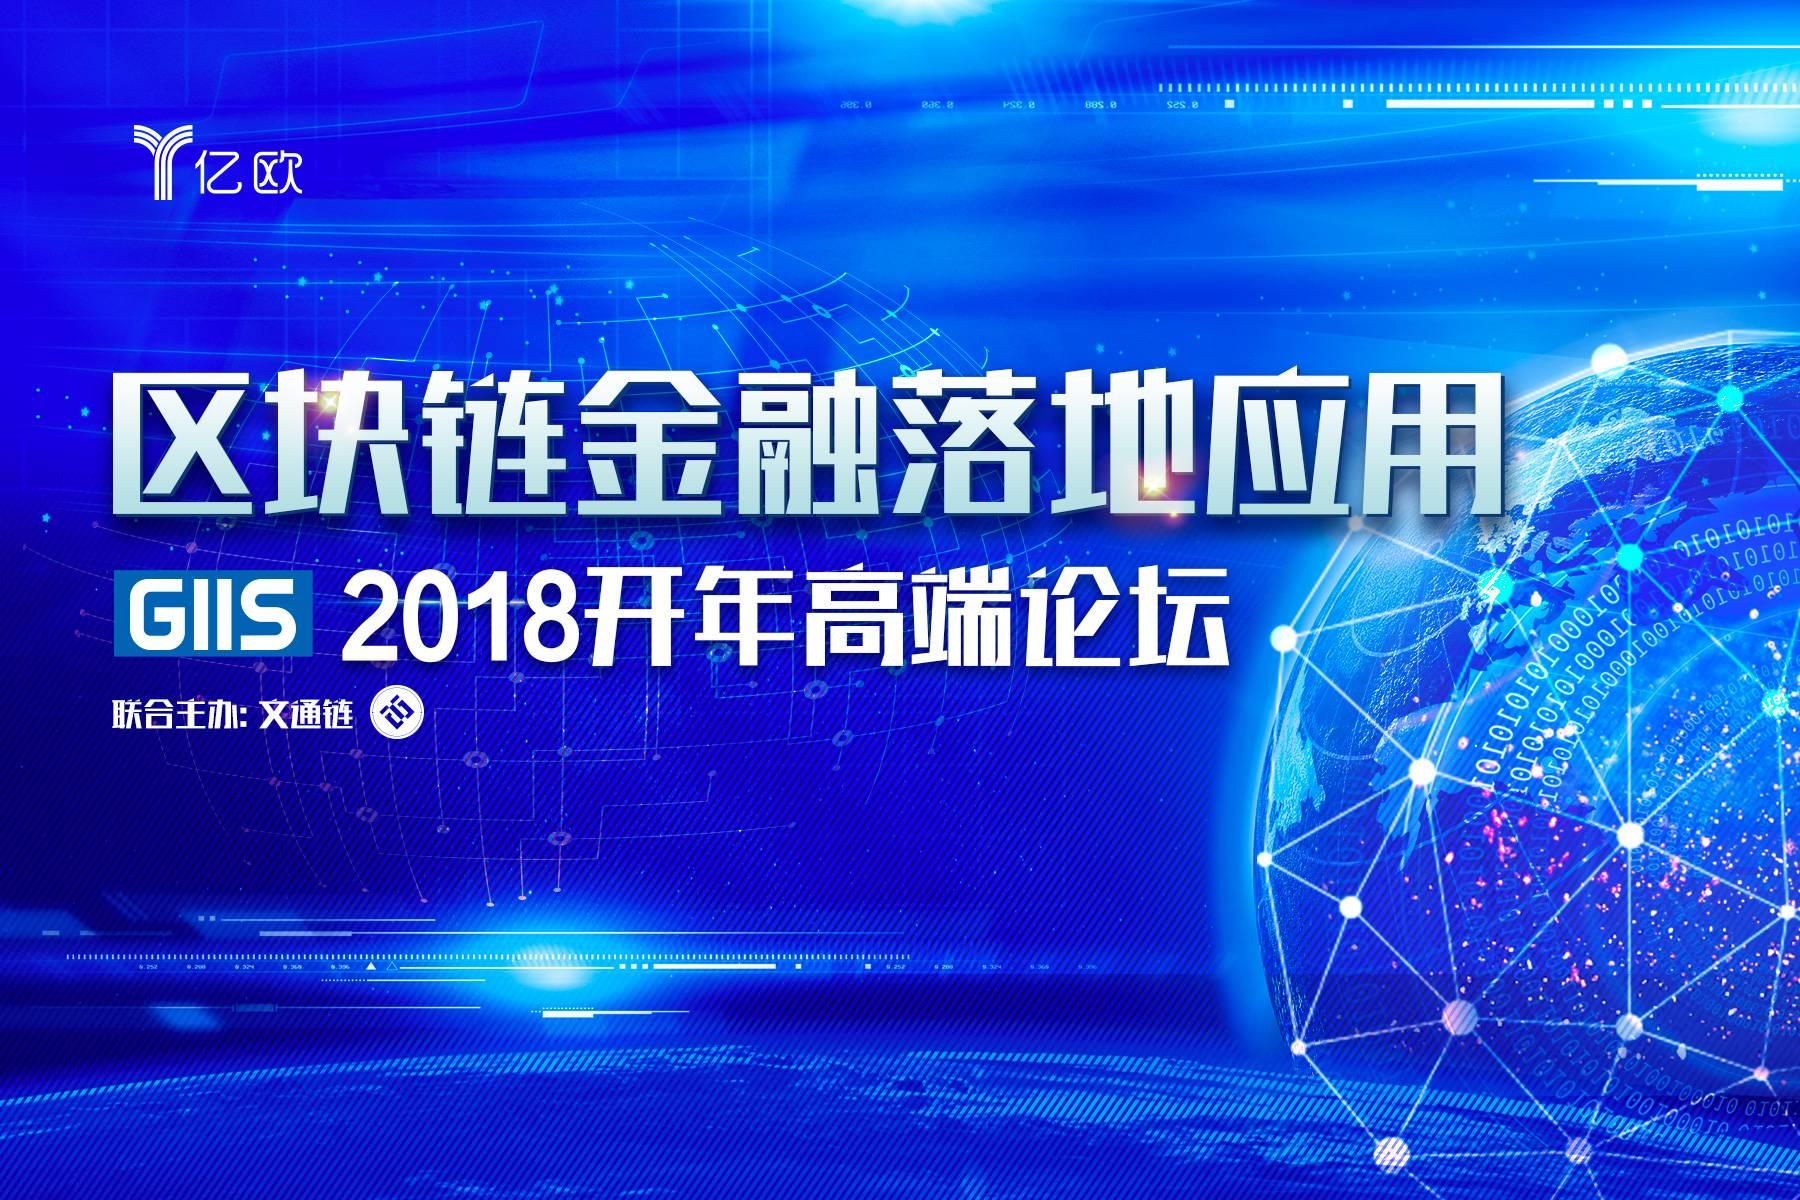 区块链金融落地应用 GIIS 2018开年高端论坛